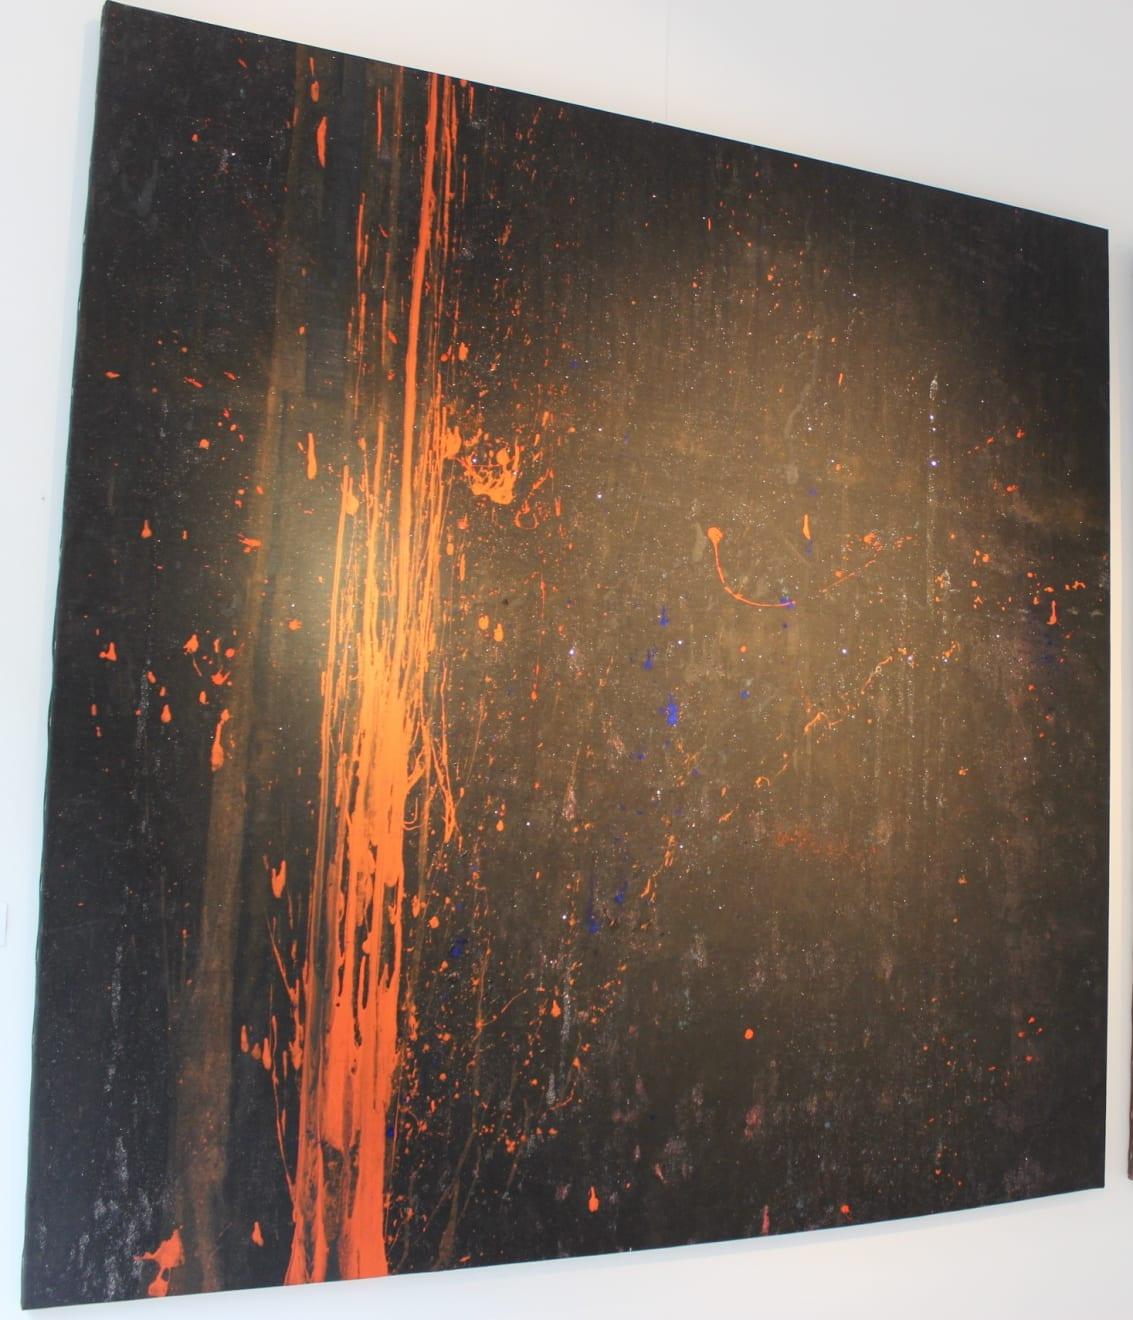 Cadmium Black IV Installation View